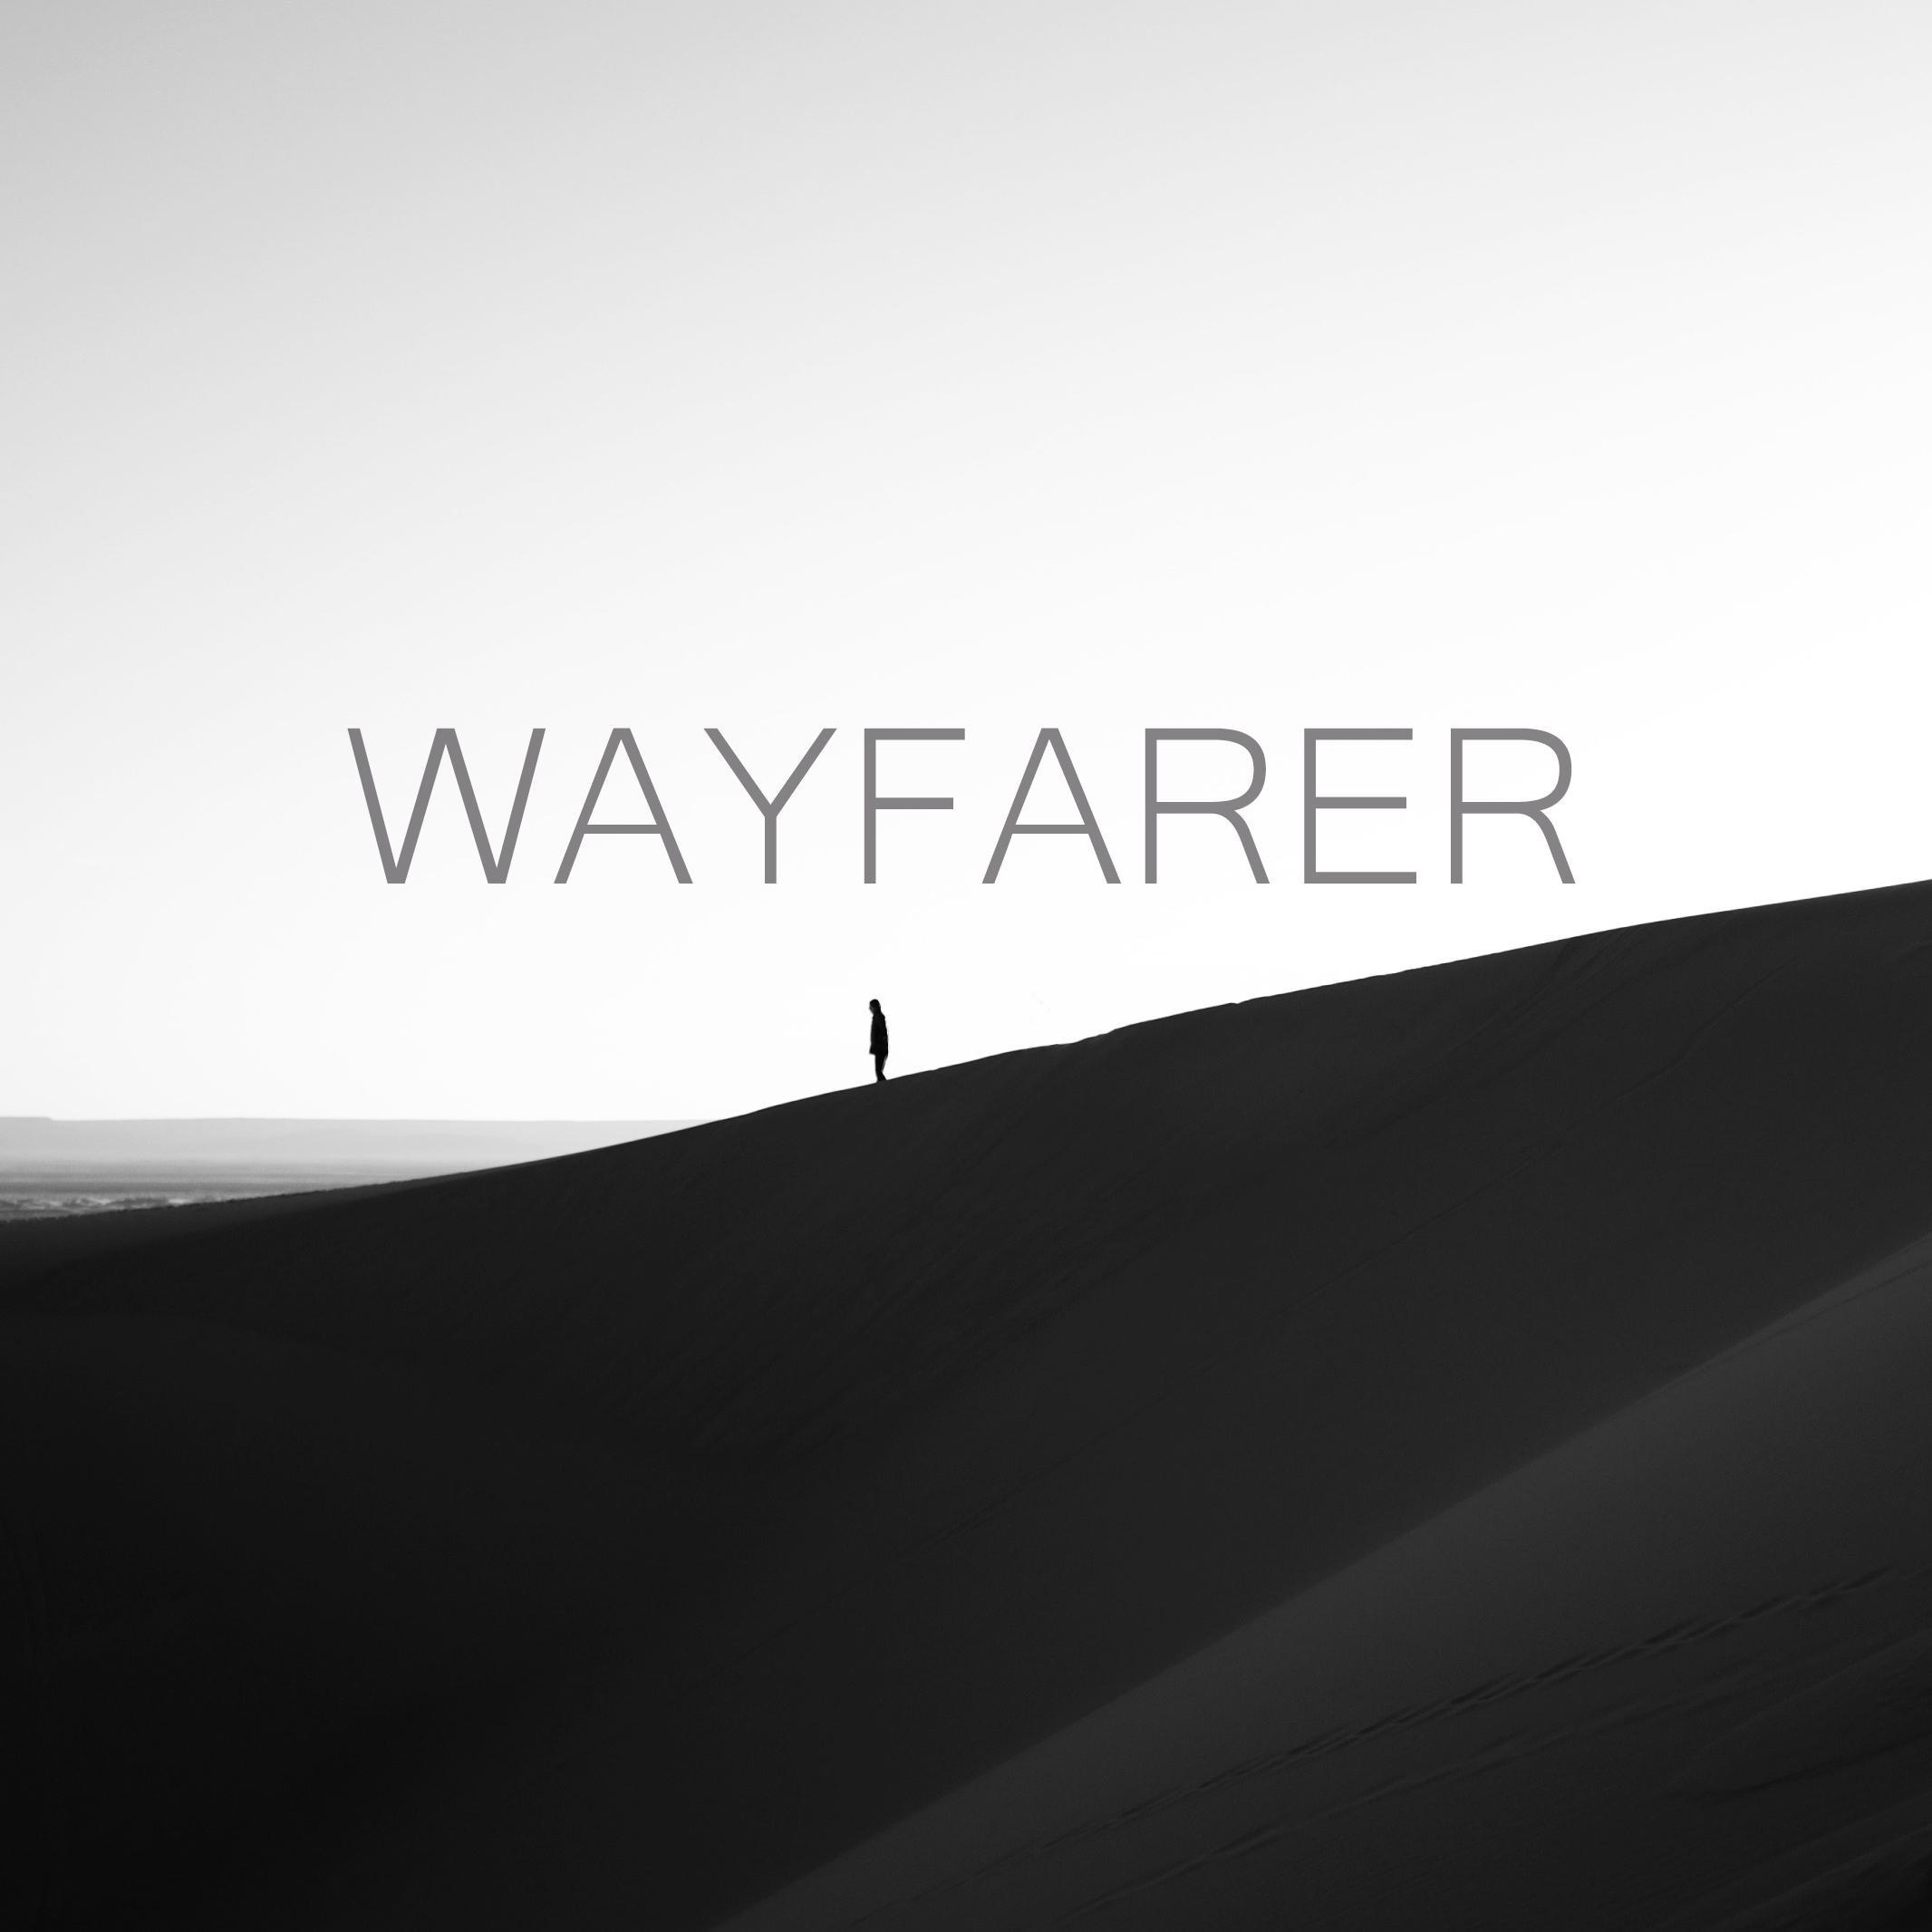 Download album: Wayfarer - artist Podval Capella: Electronic